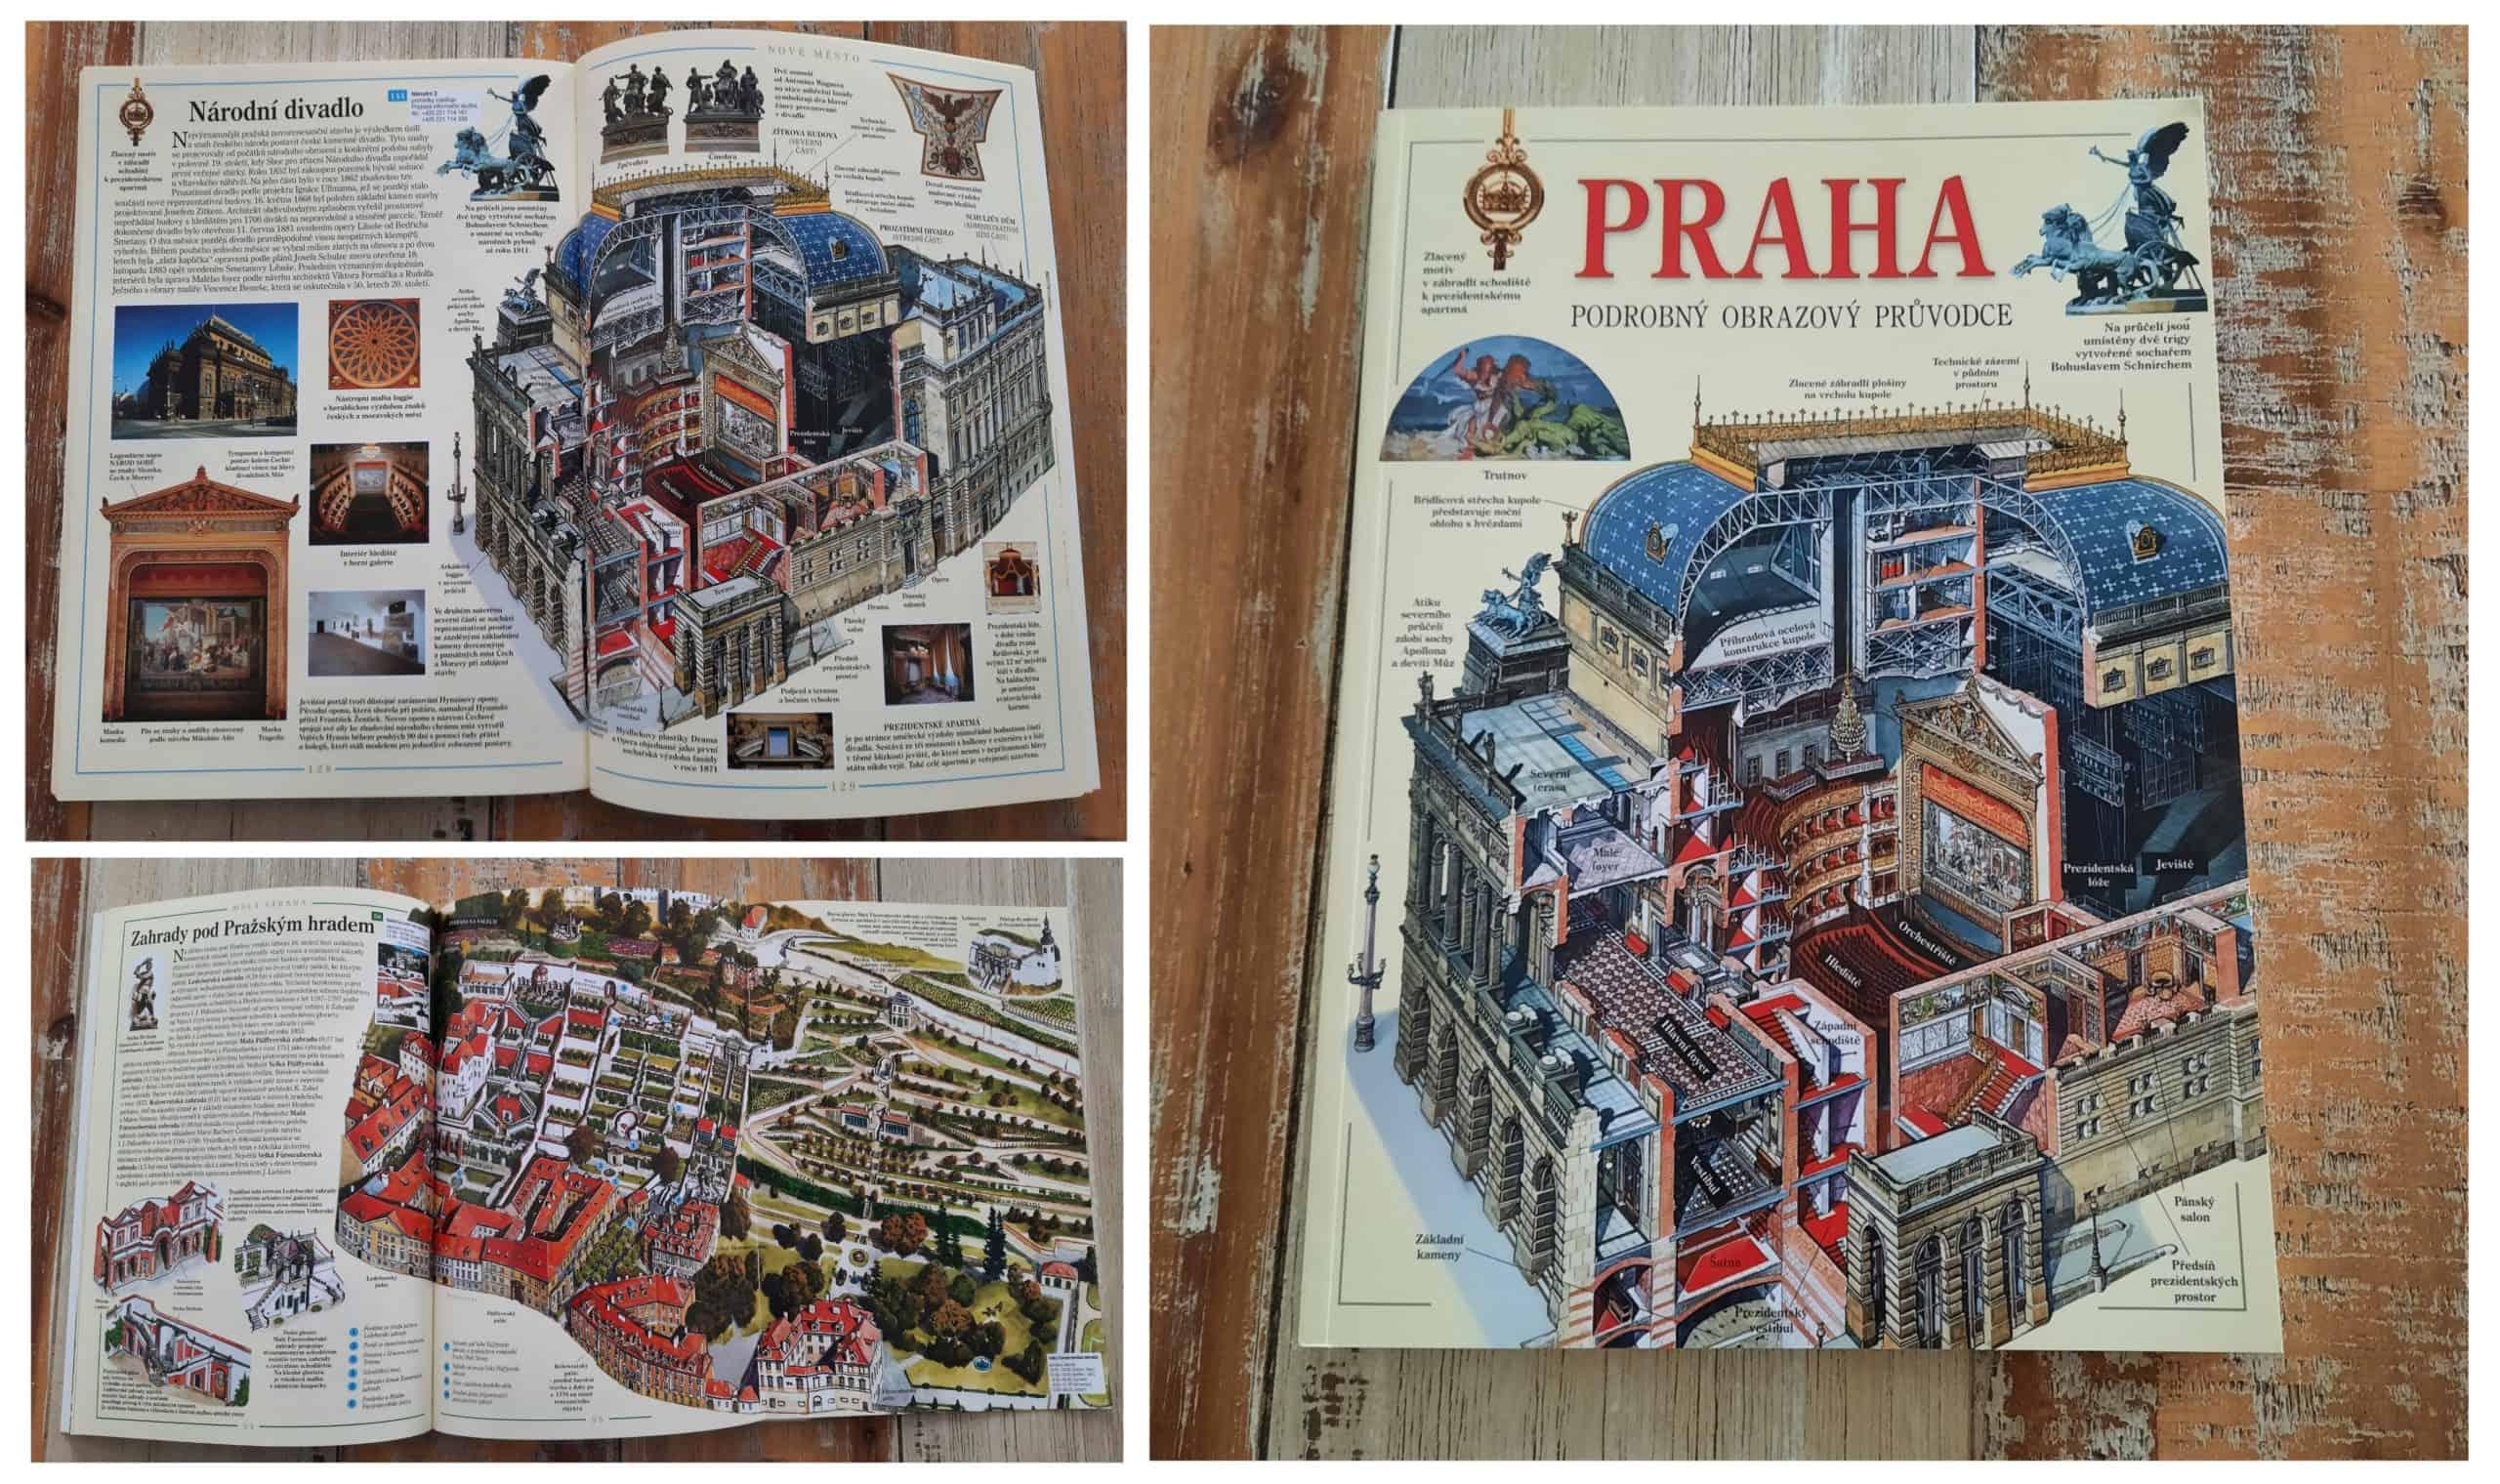 O Praze: Praha - obrazový průvodce